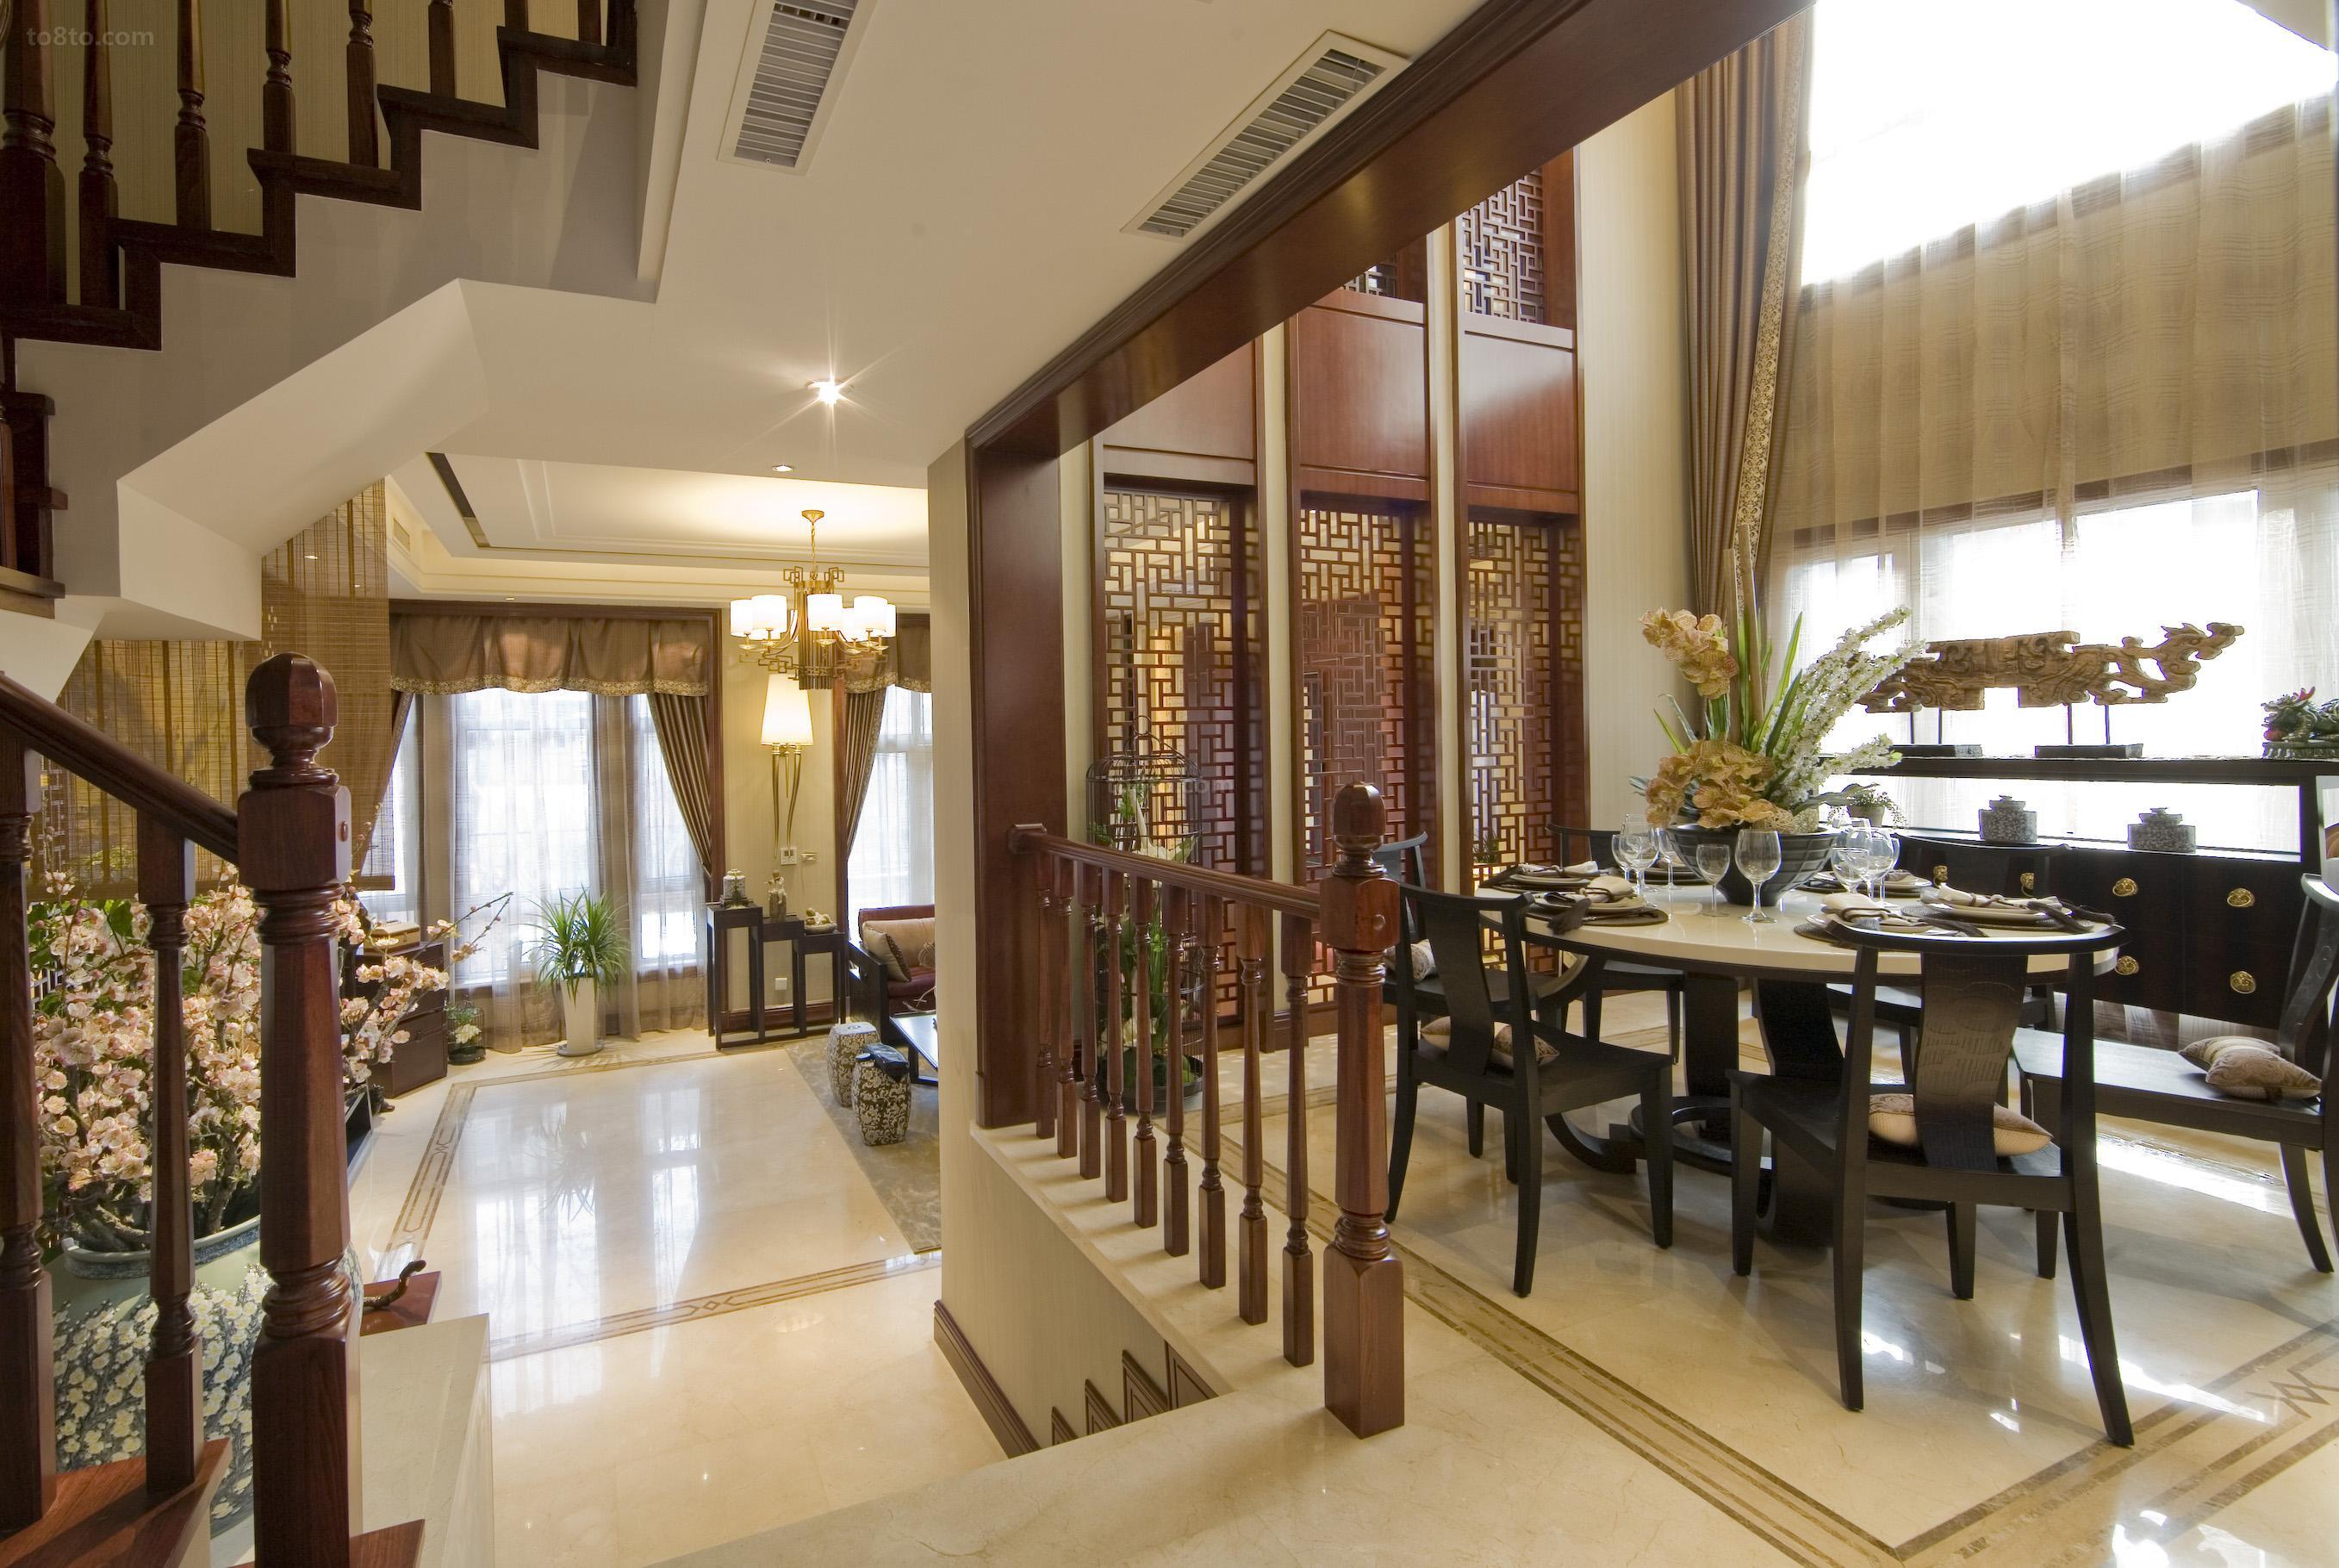 中式风格豪华餐厅设计效果图